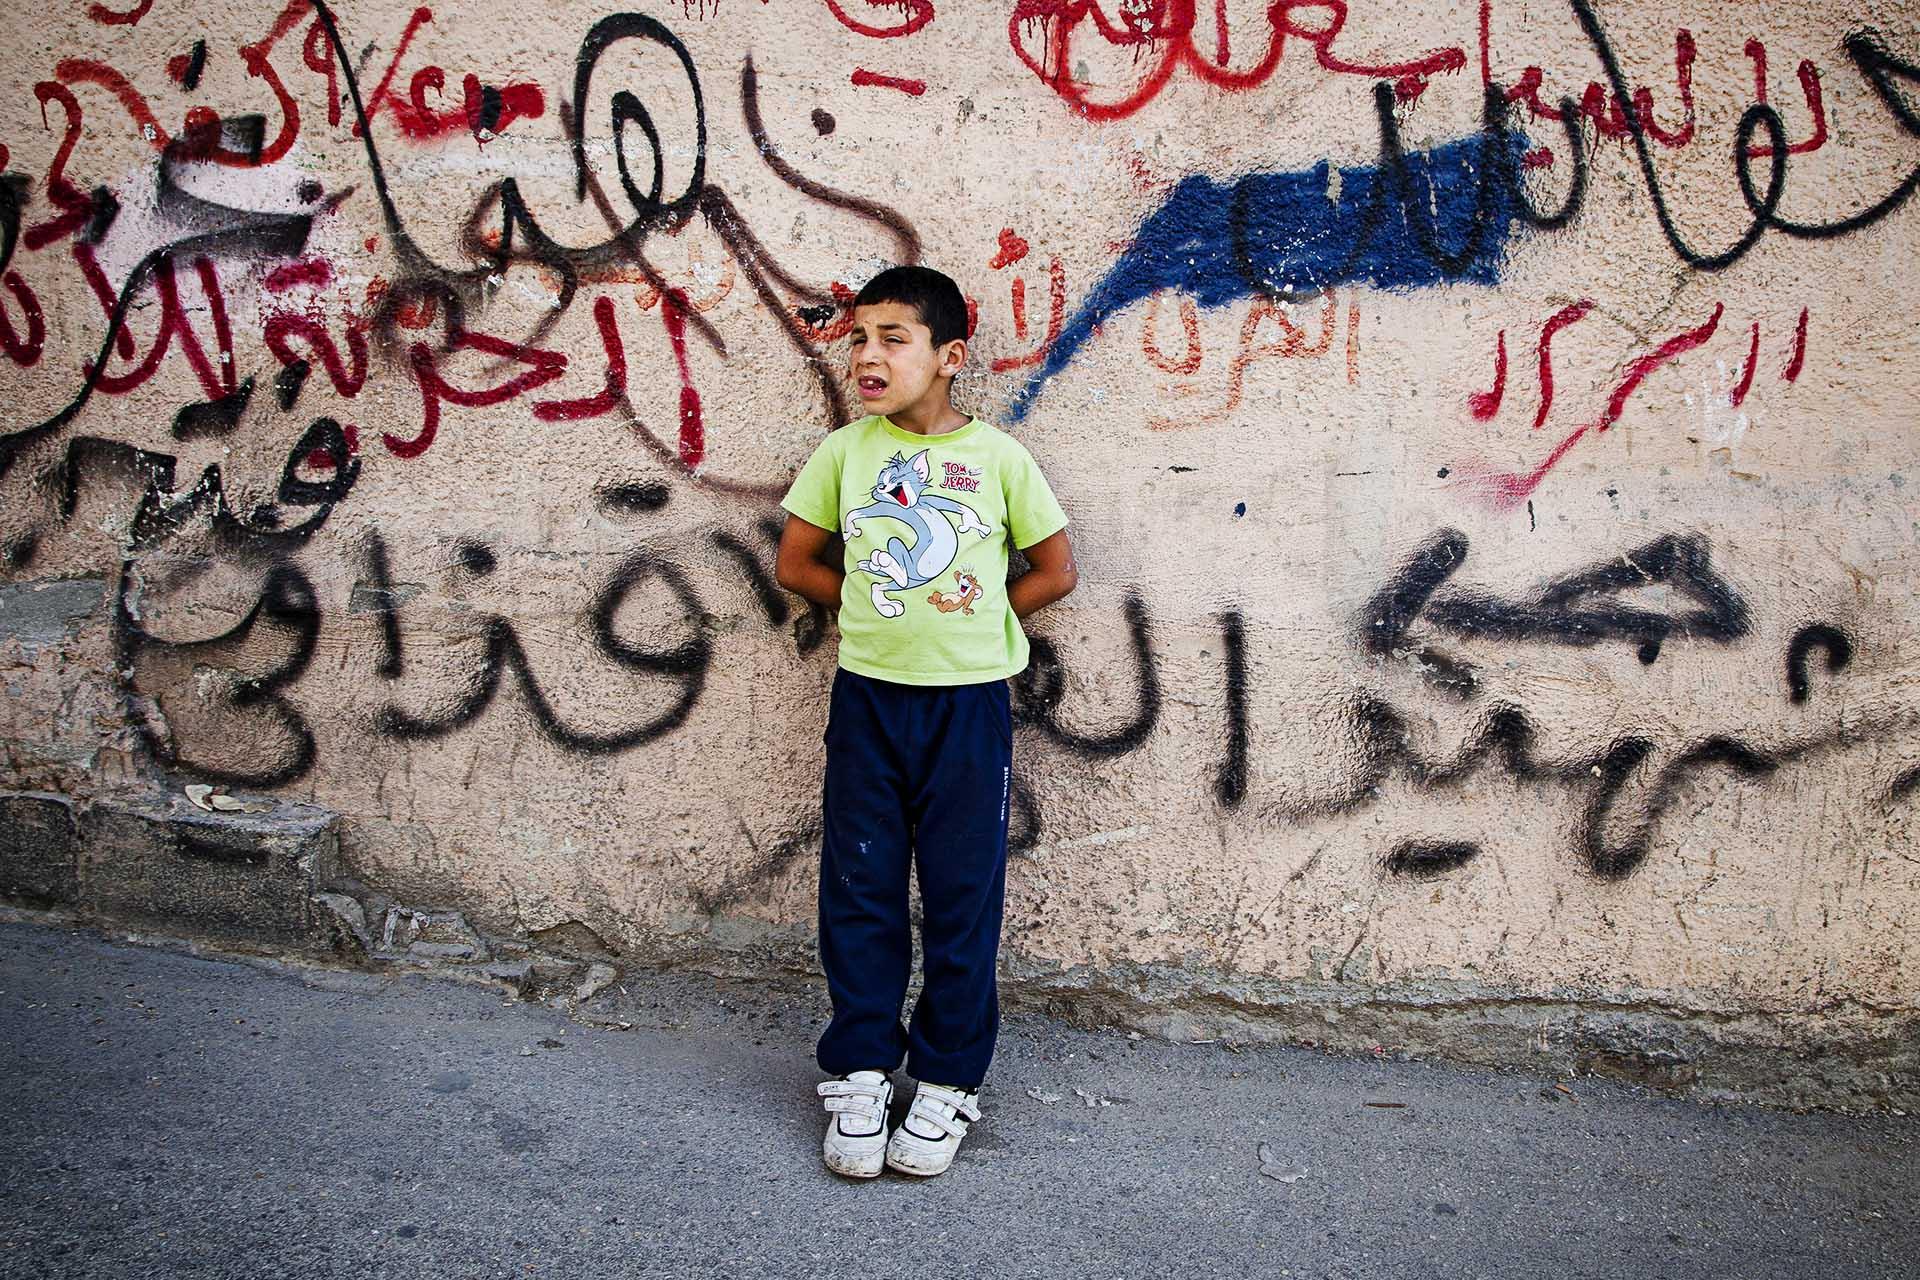 En los numerosos campos de refugiados existentes en los Territorios Ocupados, los niños se enfrentan a un futuro incierto y desesperanzador.